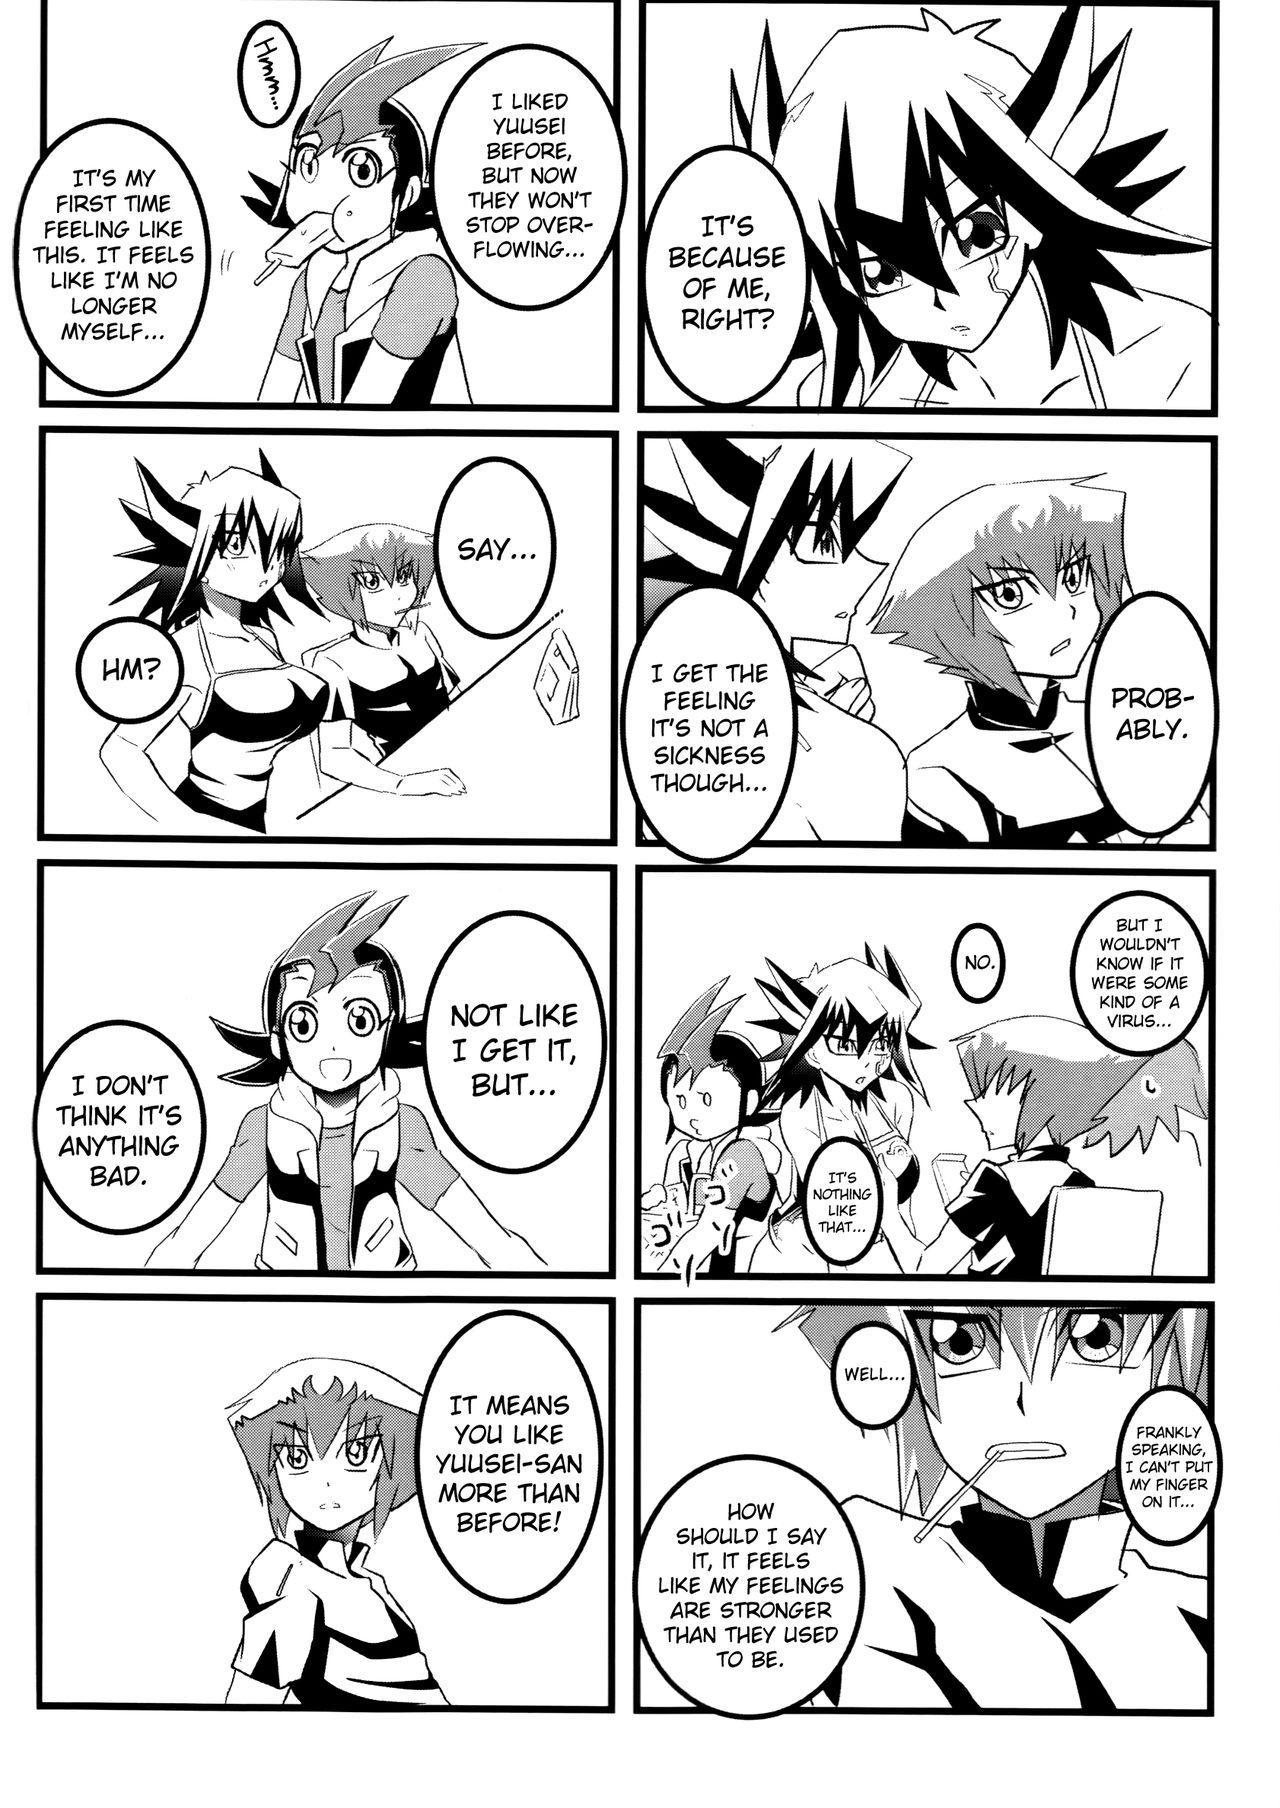 (Sennen Battle Phase 19) [Monpe Kagekiha (Murako)] Doutei Dai-san to Donkan Sei-san ♀ ga Koibito ni naru made no Yakusuun Hi (Yu-Gi-Oh! GX, Yu-Gi-Oh! 5D's) [English] [biribiri] 11